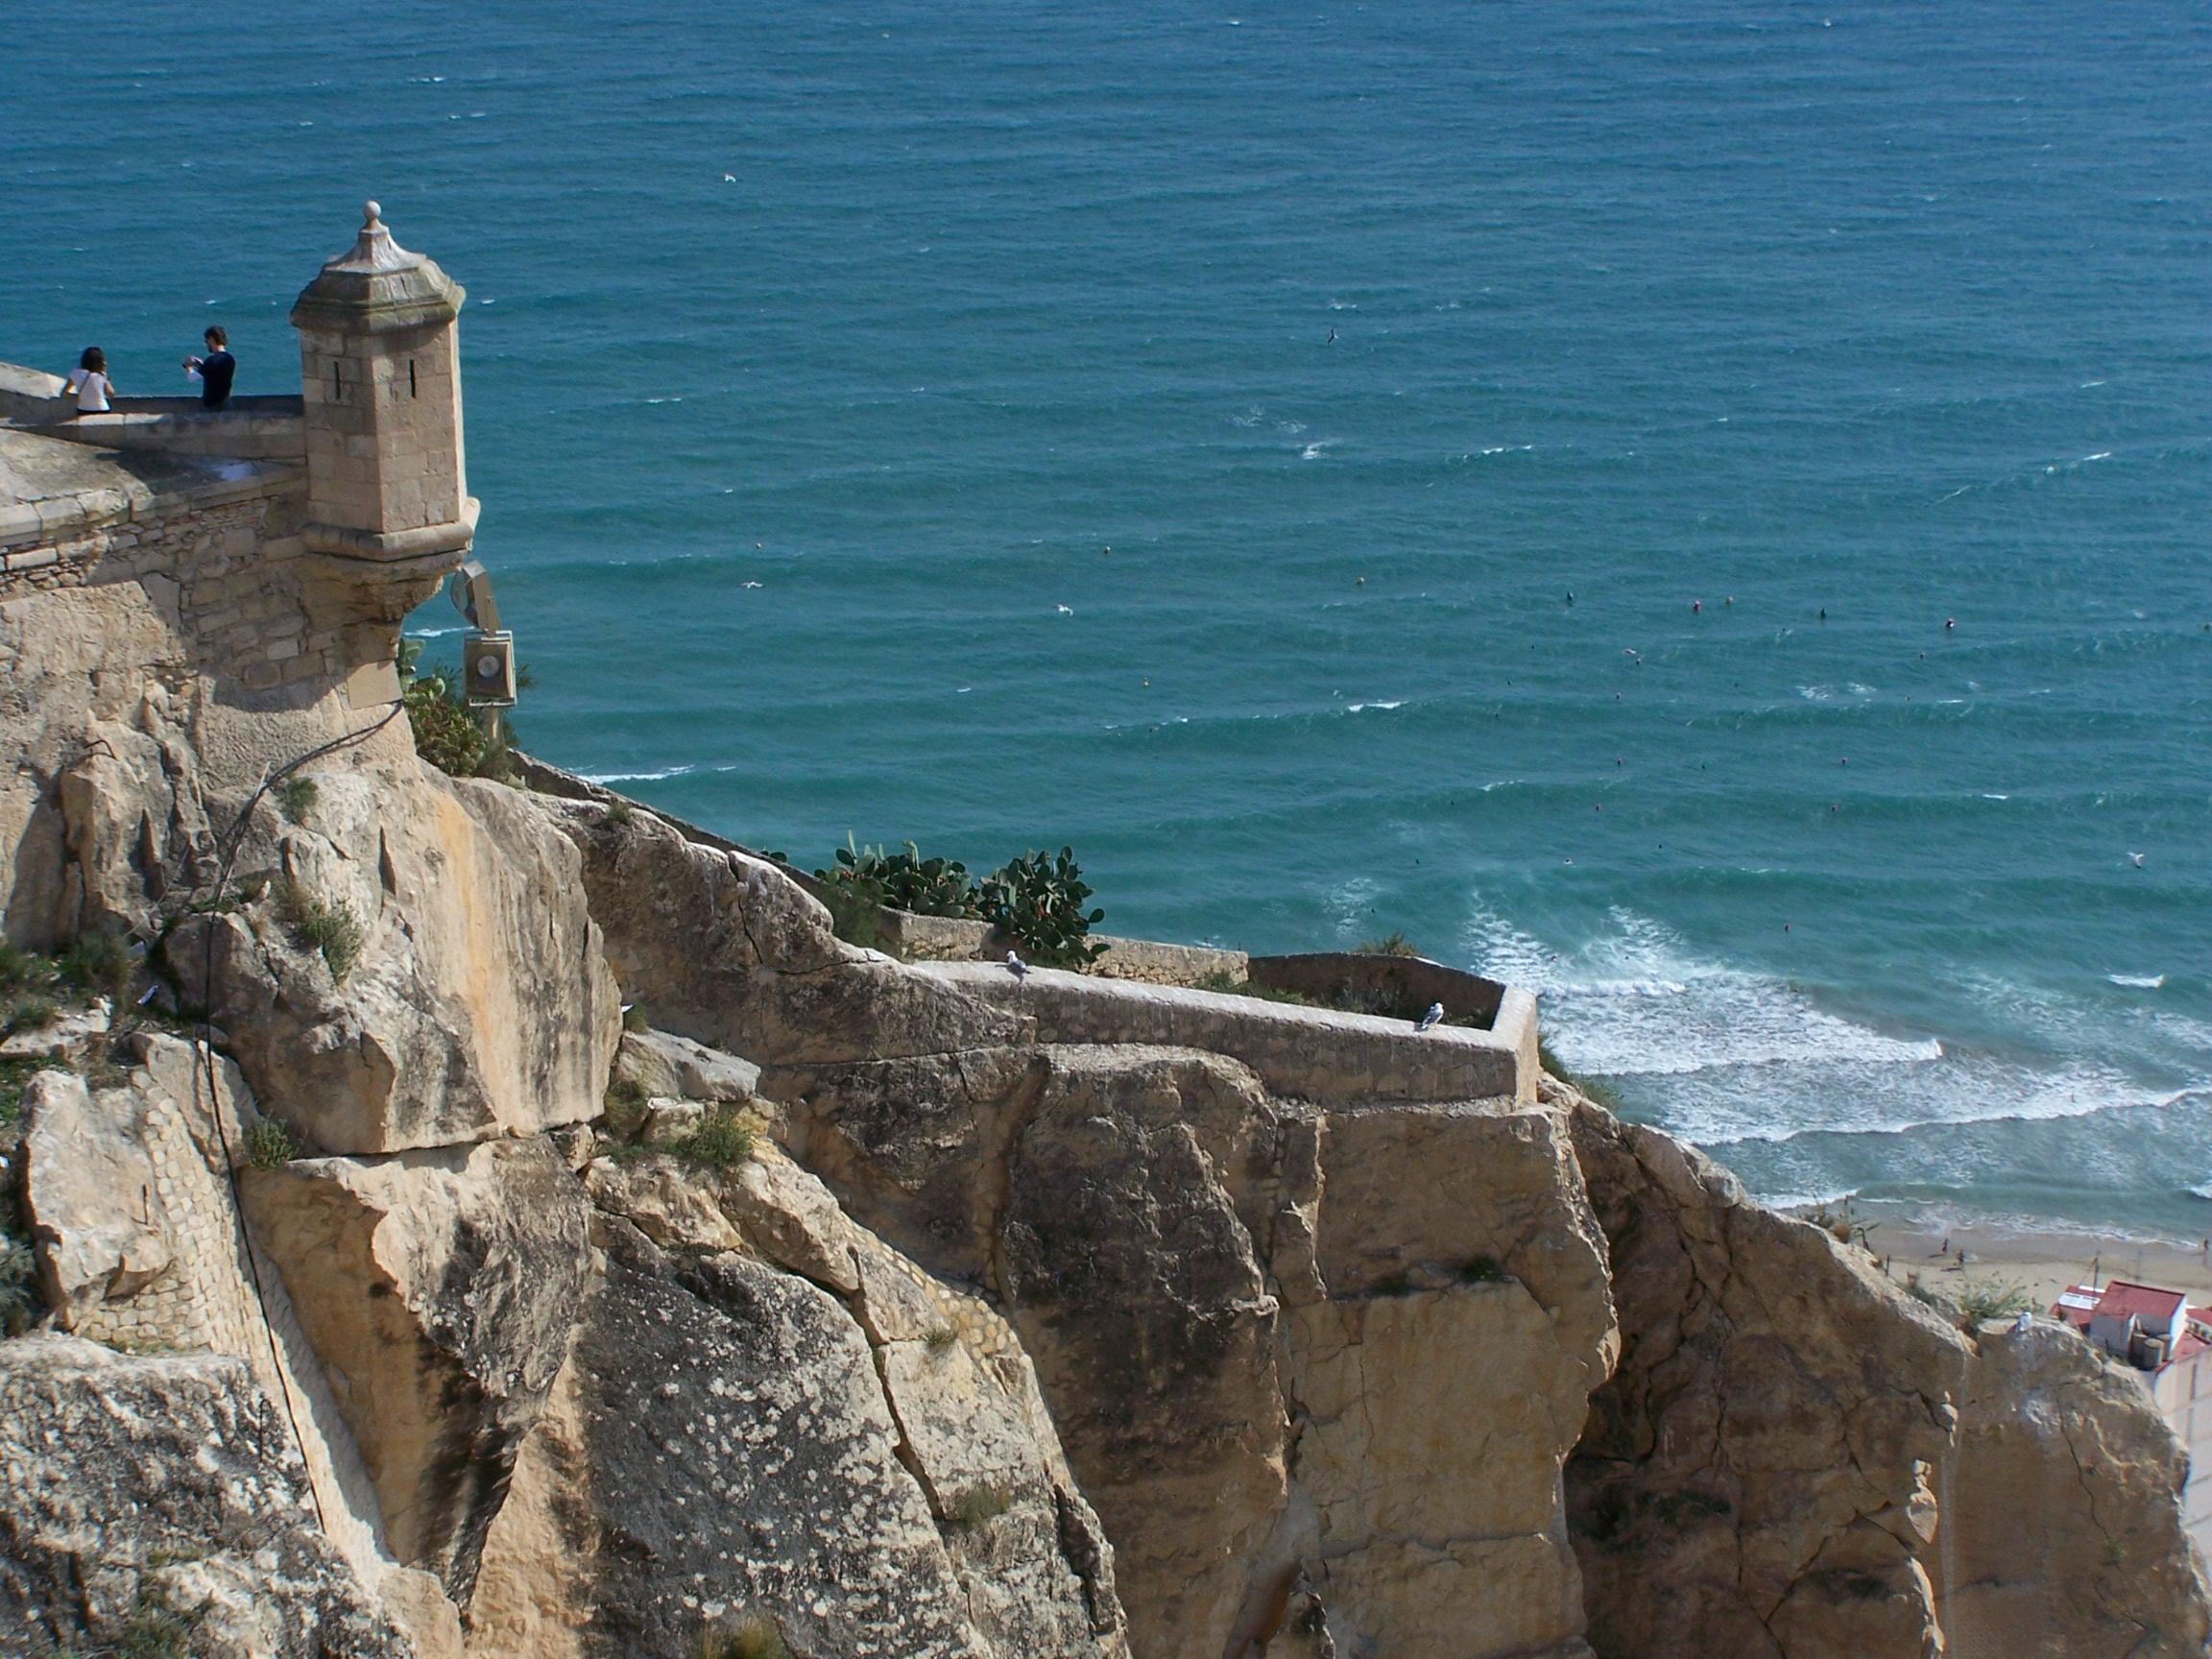 Vista del mar desde el castillo de Santa Bárbara, Alicante. Autor, Karolsl